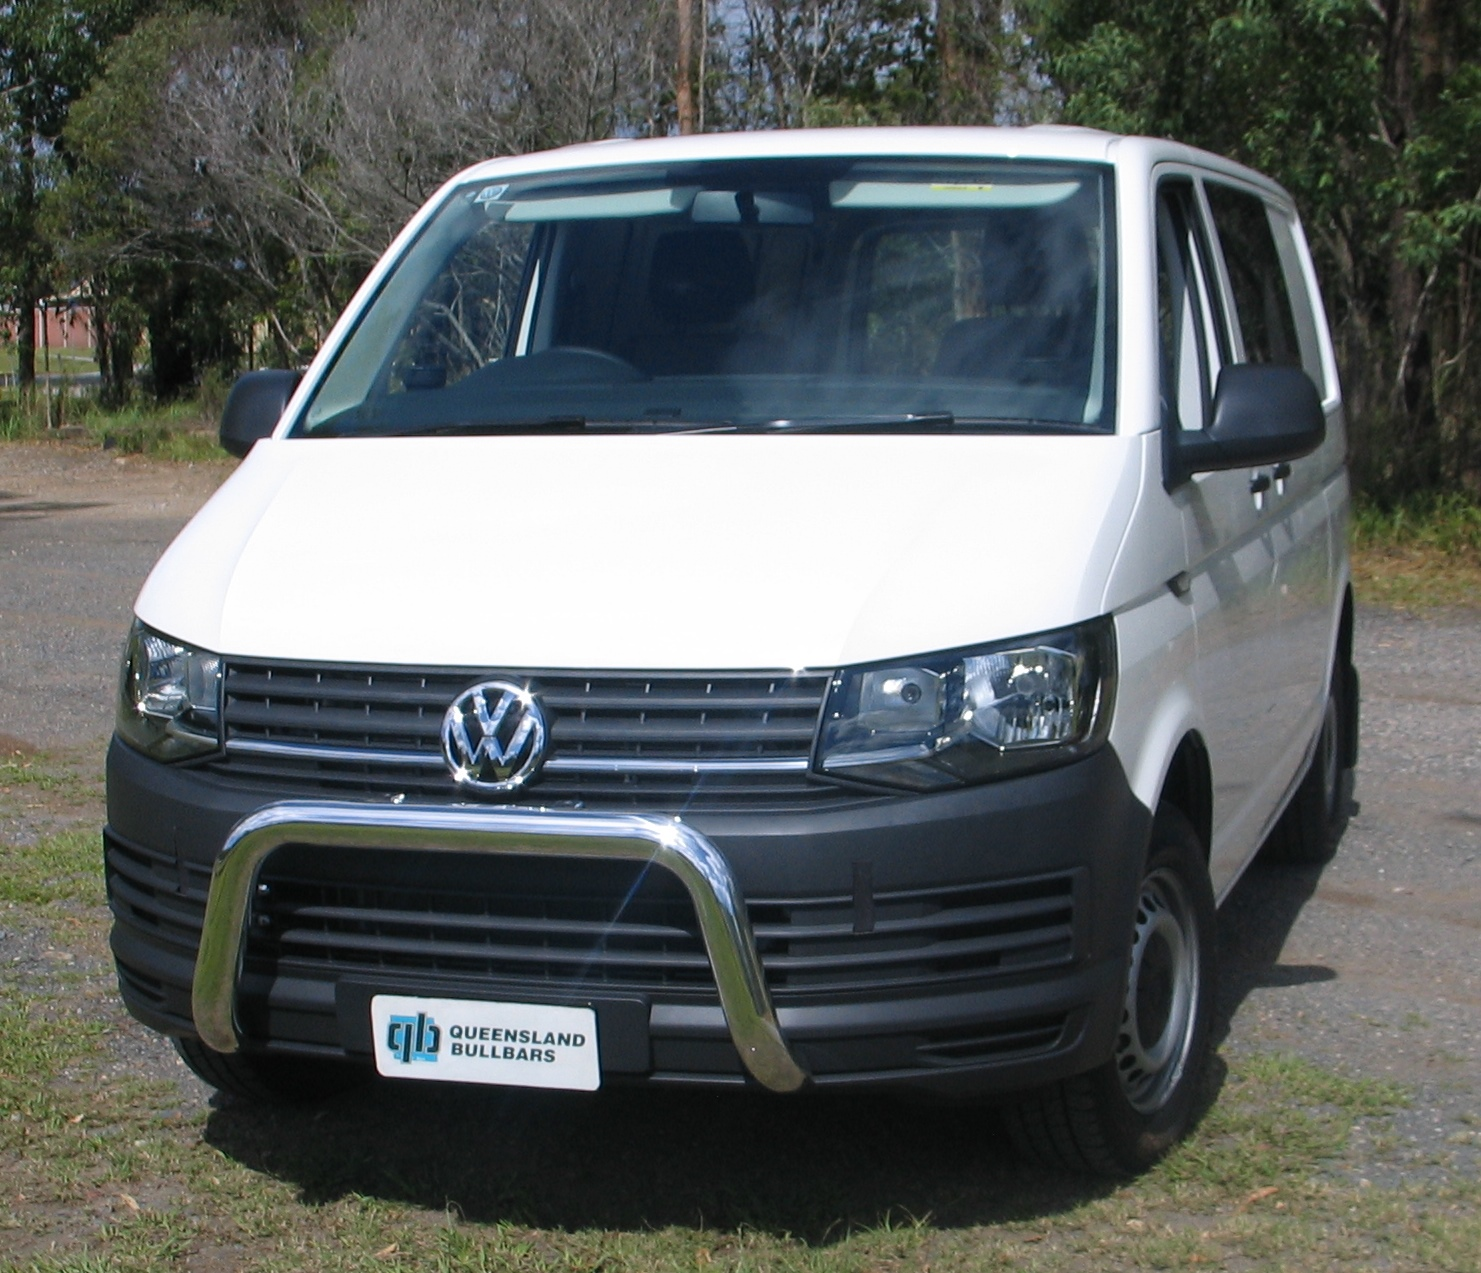 Volkswagen Transporter T6 - QLD Bullbars